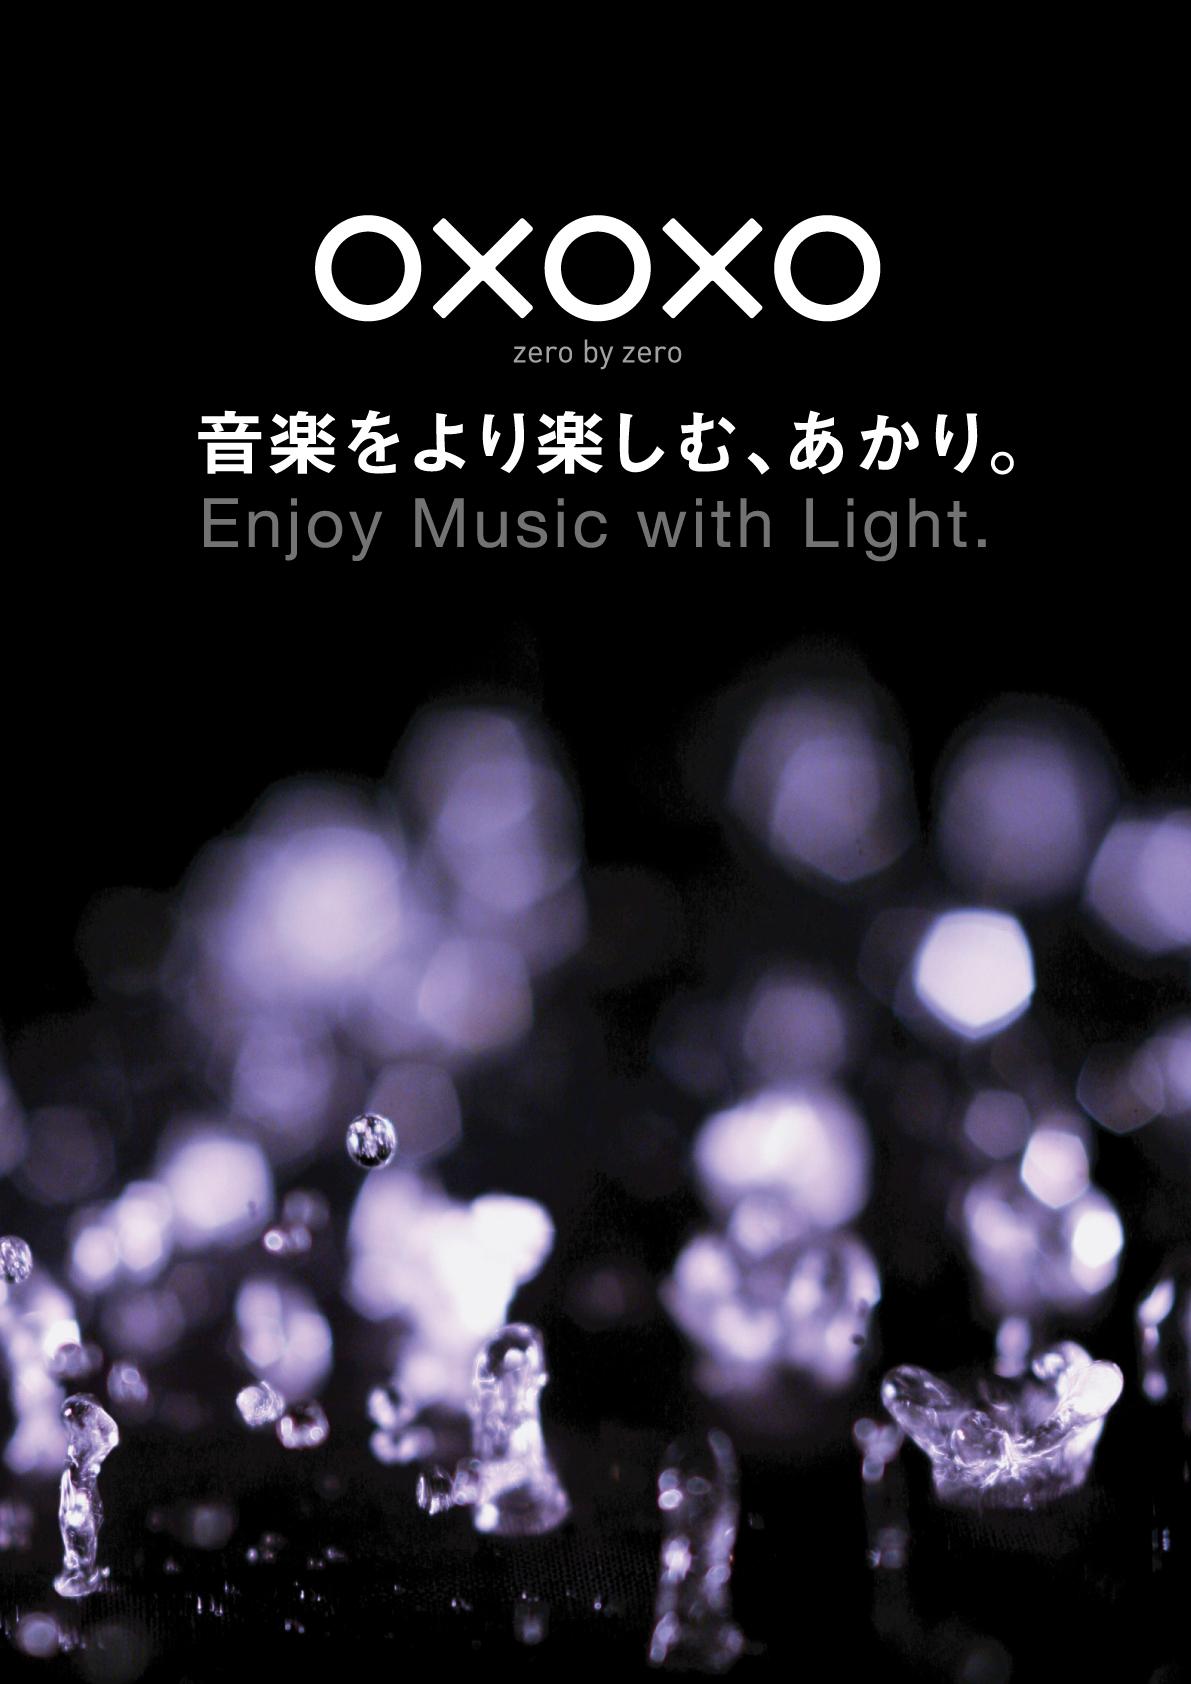 oxoxo_poster_nyukou